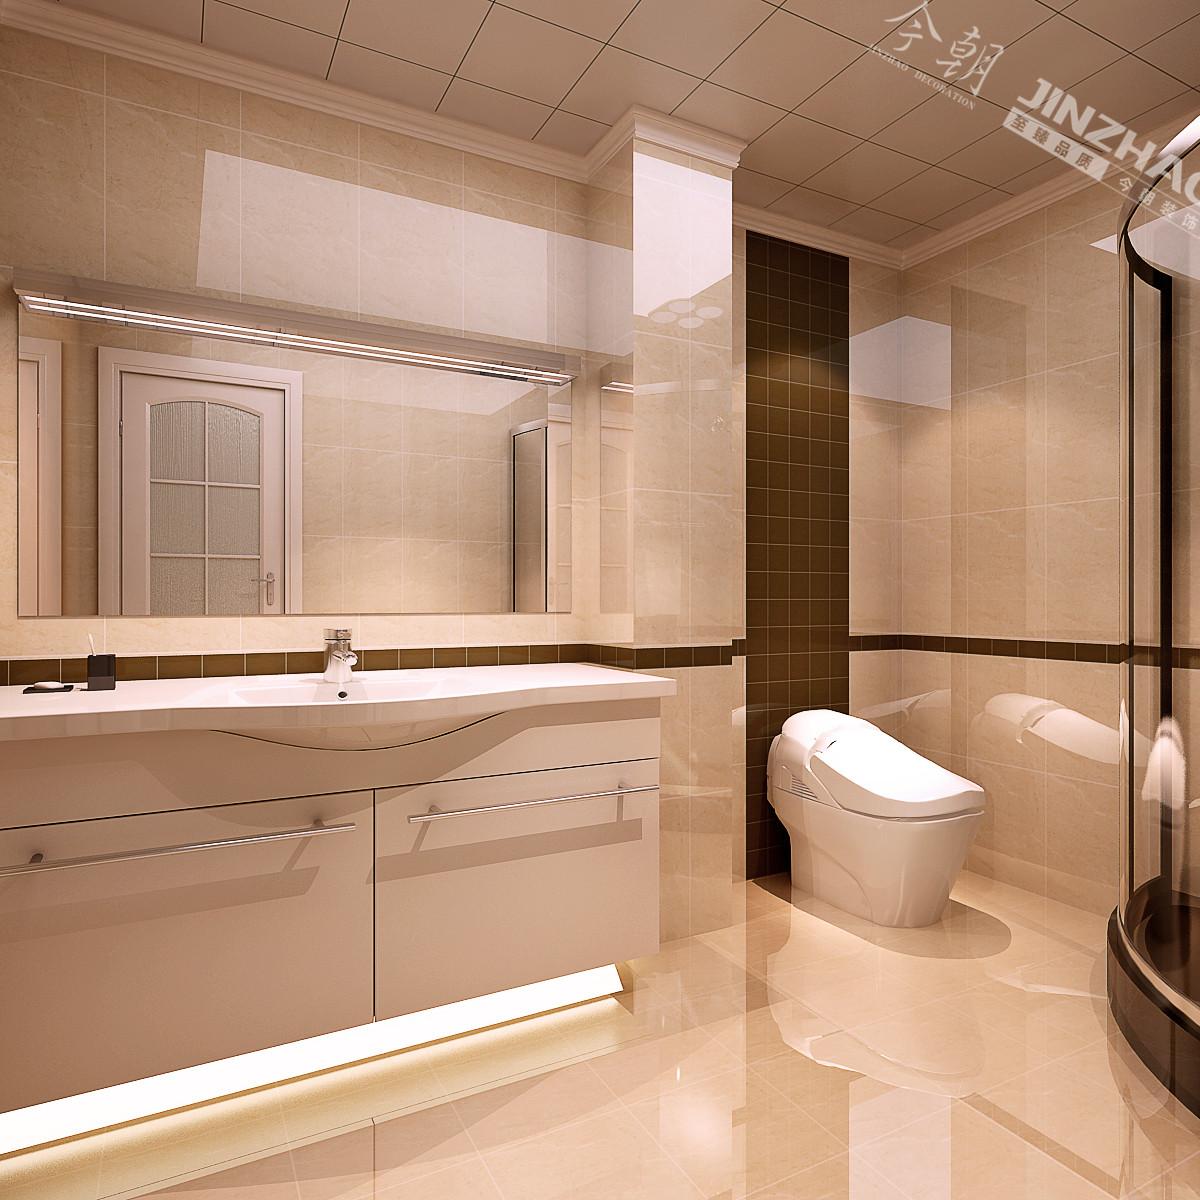 一居 现代 今朝 效果图 设计 装修 卫生间图片来自石家庄今朝装饰在77平米的婚房效果图的分享